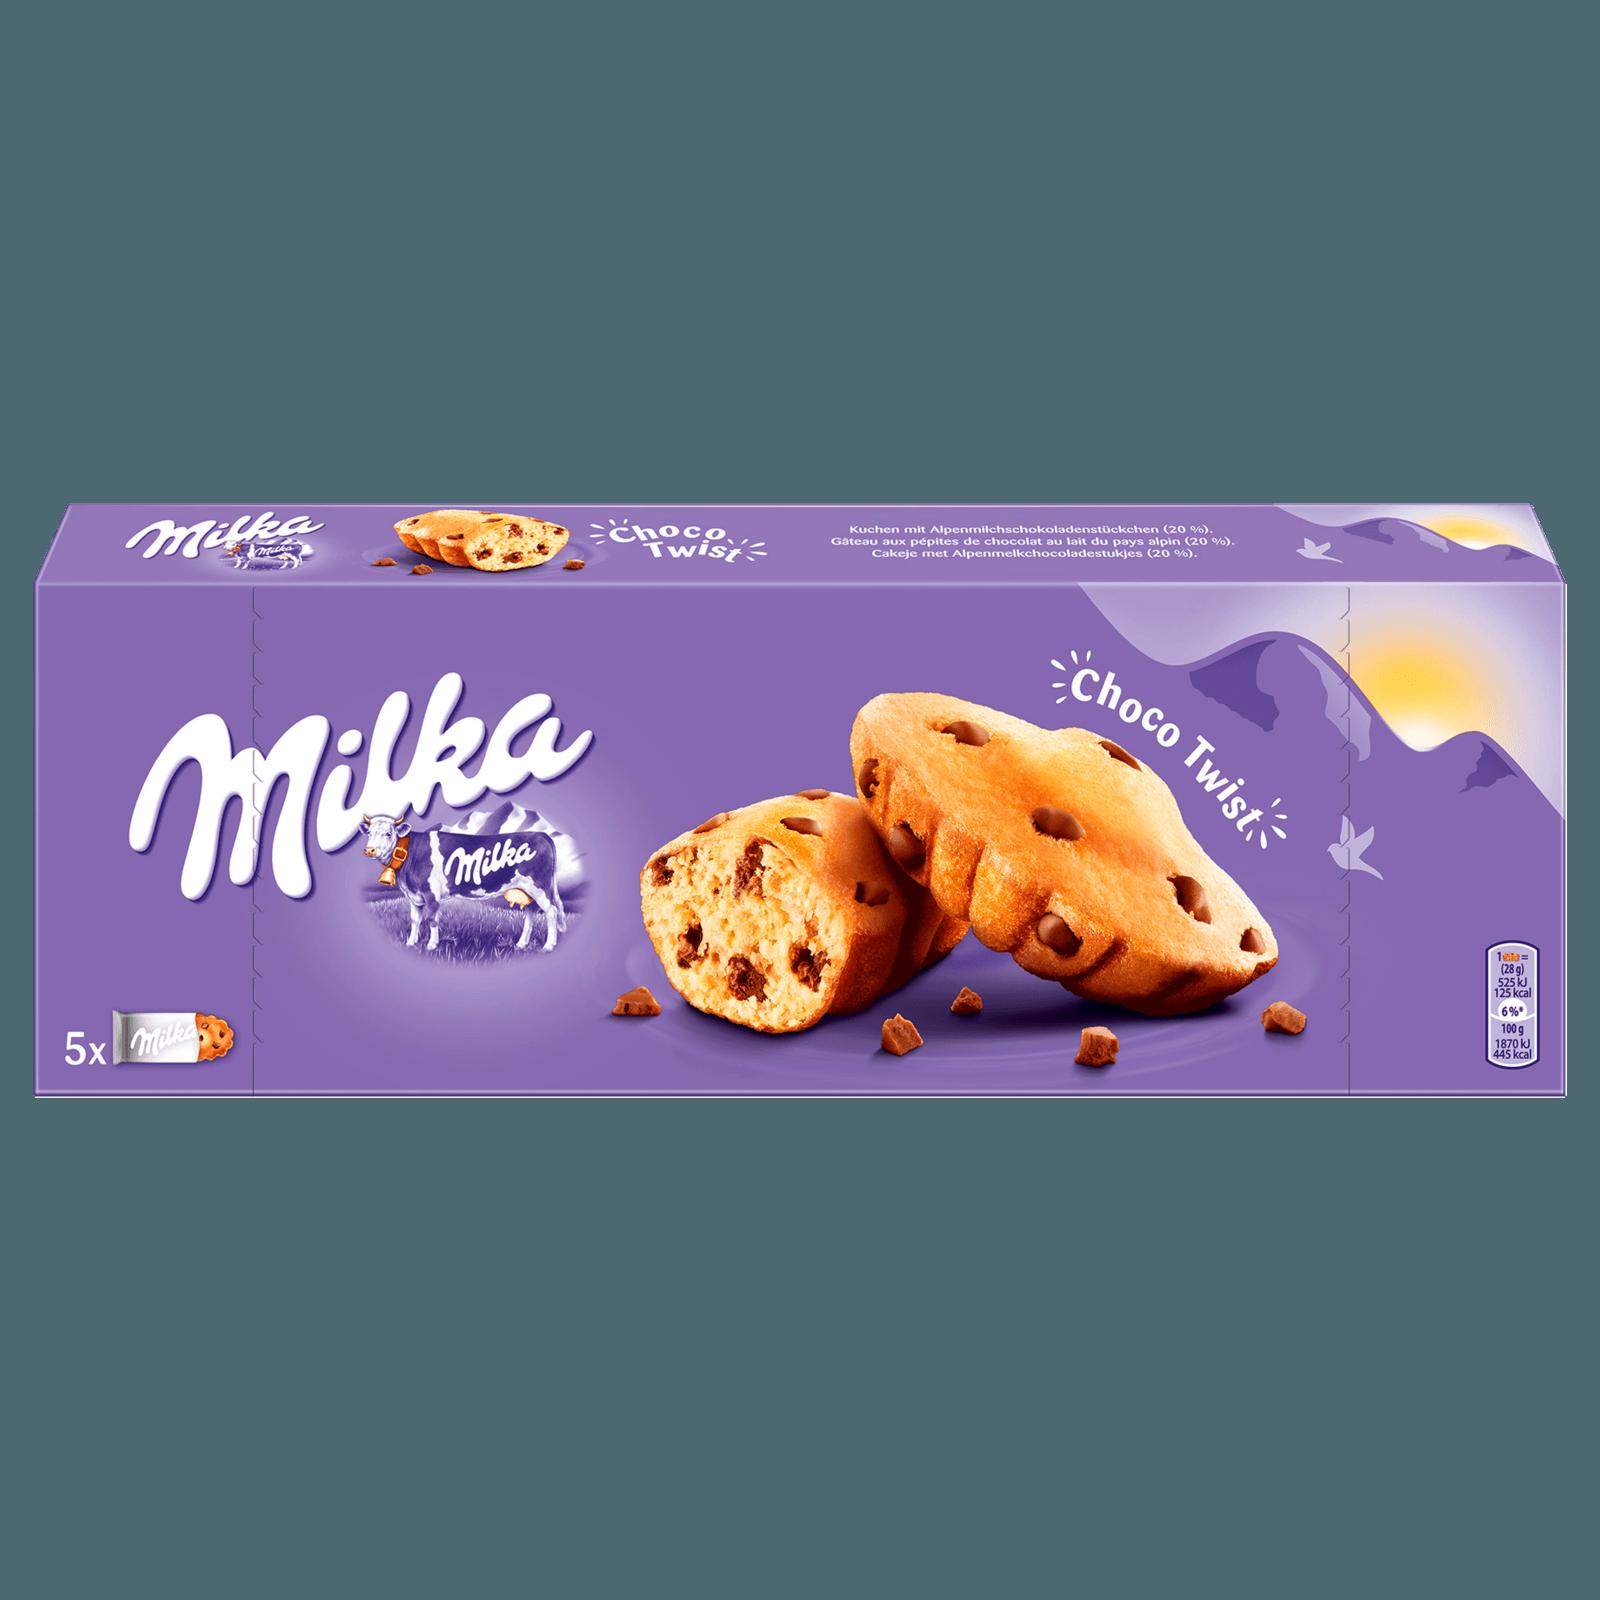 Milka Kuchlein Choco Twist 140g Bei Rewe Online Bestellen